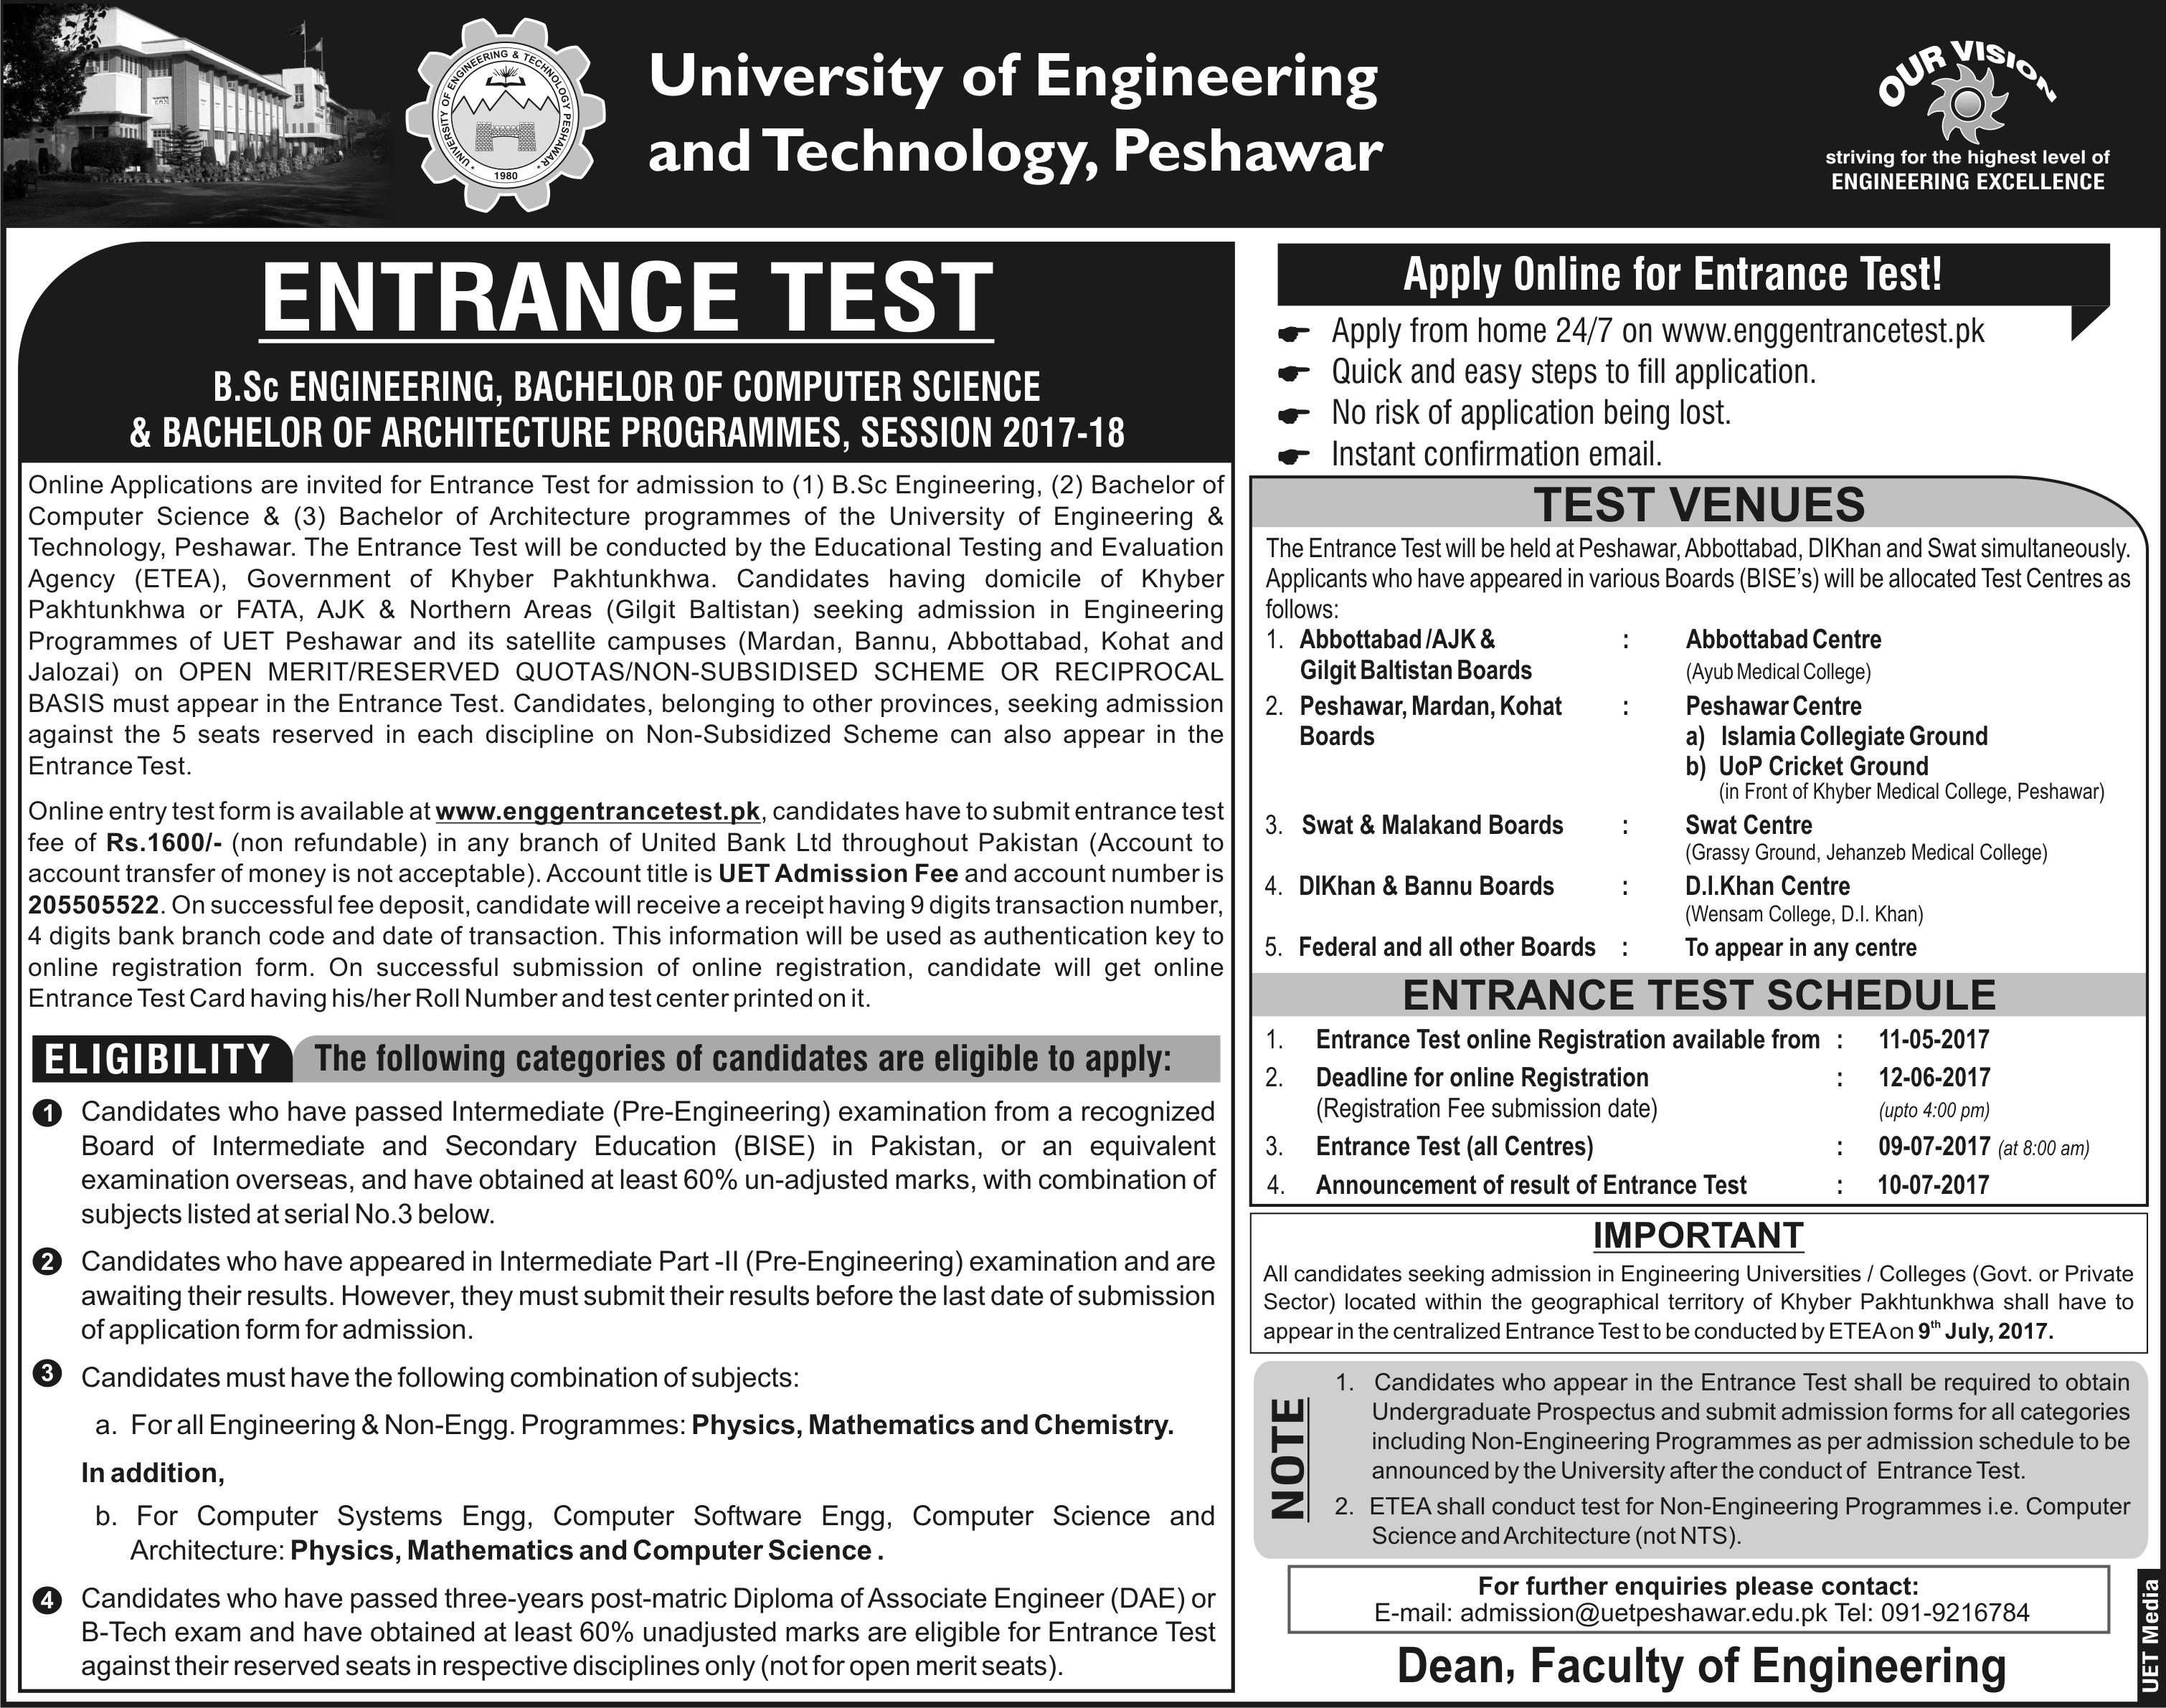 UET Peshawar Entry Test 2017 Online Registration Form Schedule